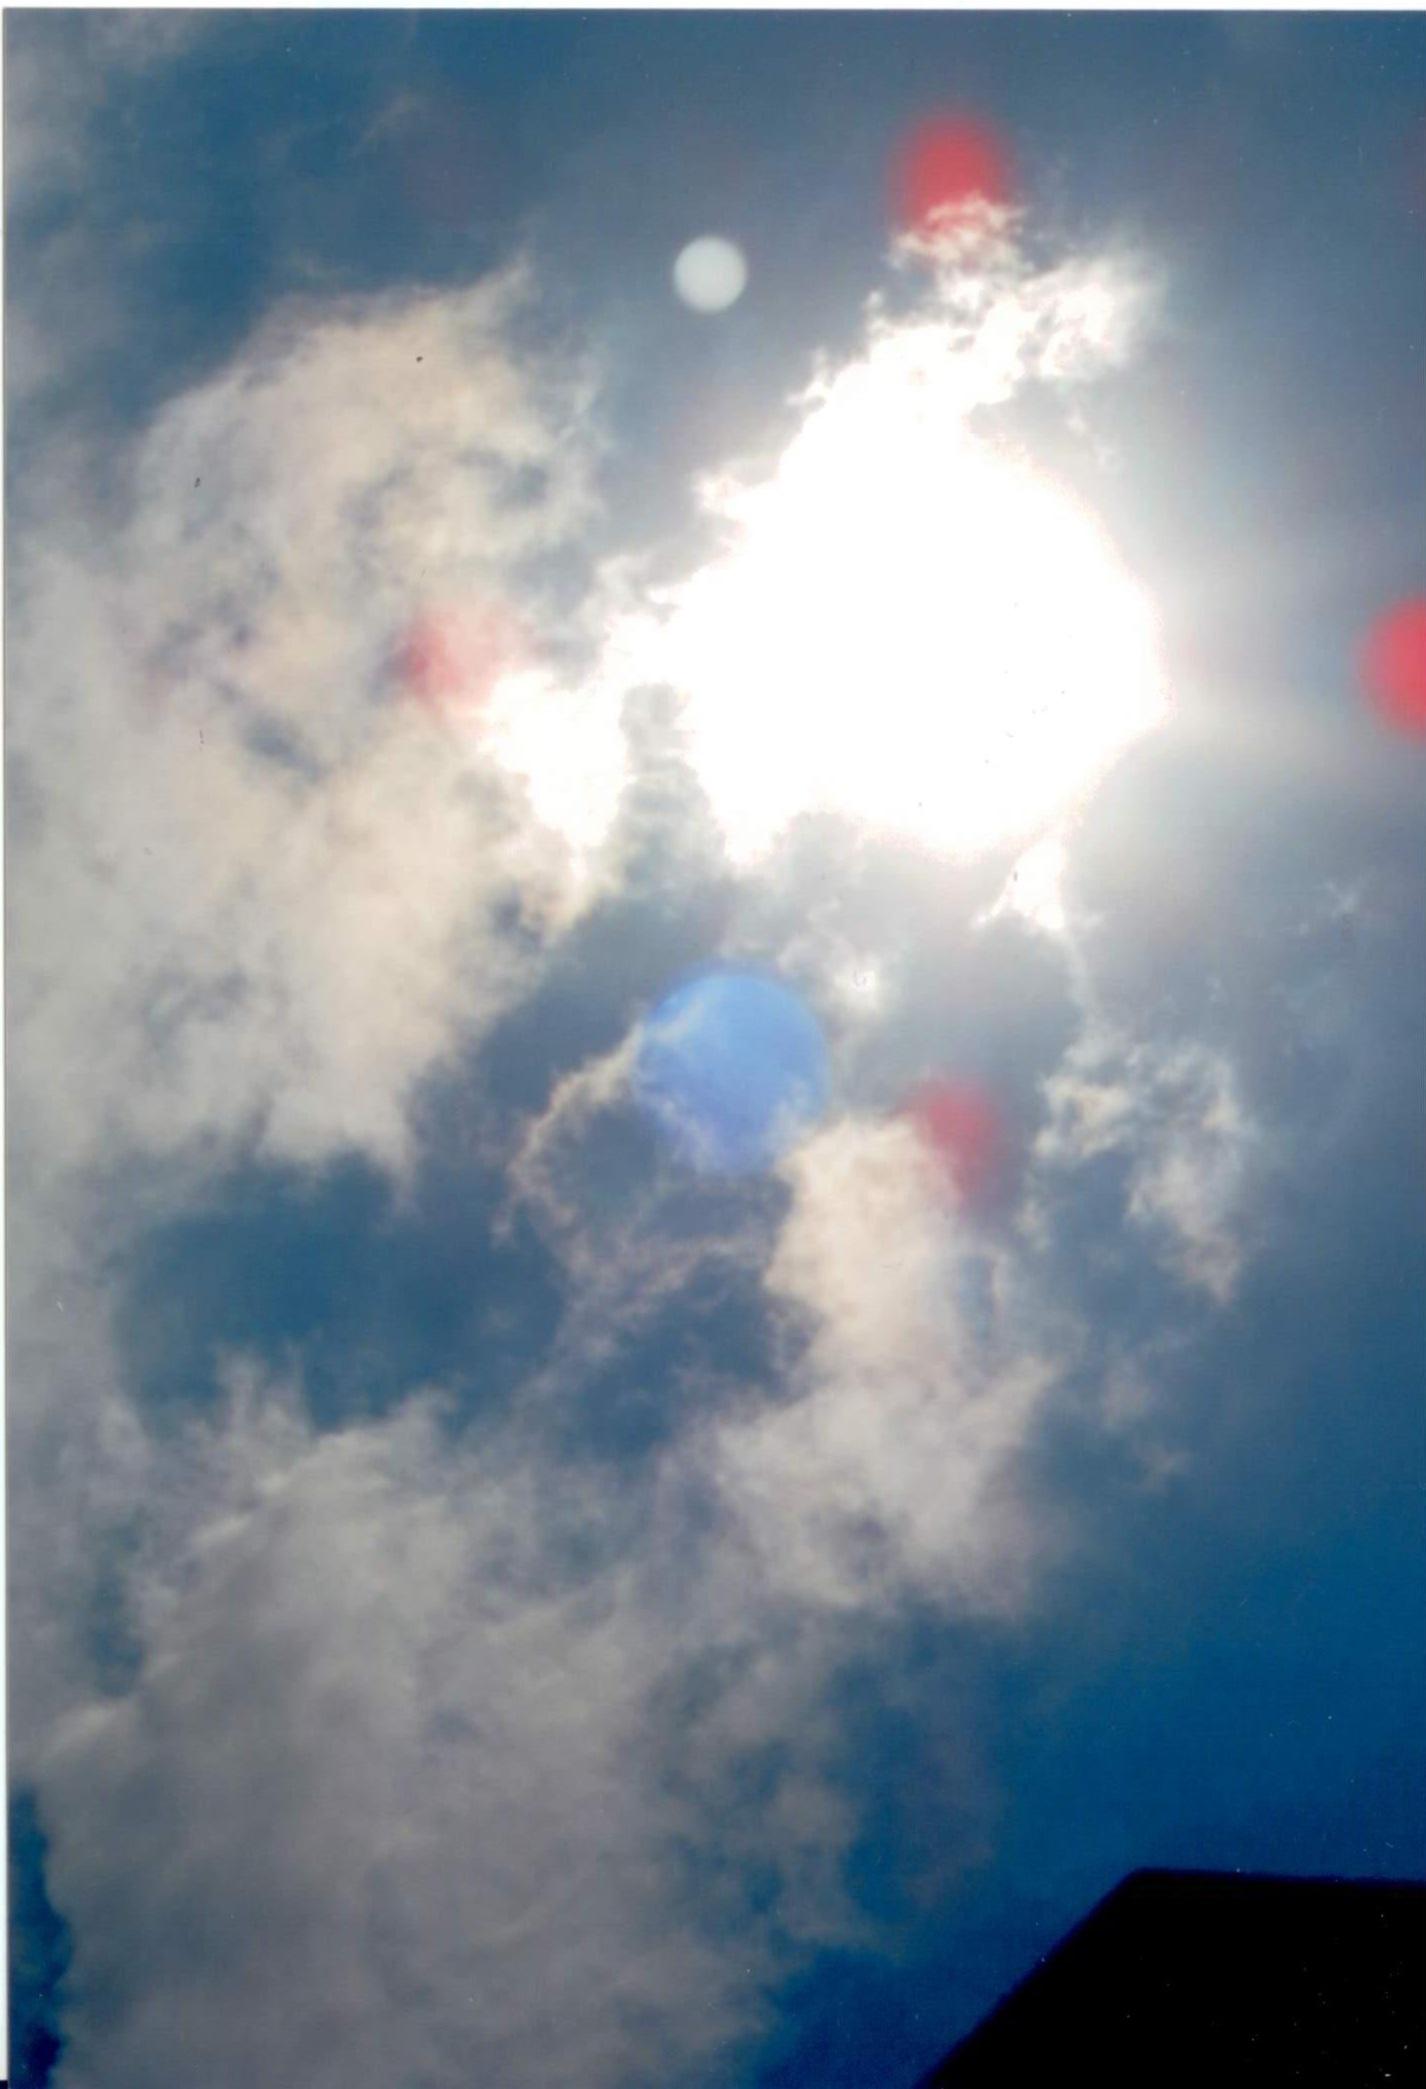 Questi sono I trumolo dei appassiti si chiamano cosi perché controllavano i radiazioni del sole. Ma adesso non hanno più il potere di rovinare la vita alle persone che si sedevano sulle spiagge per riposarsi e invece ritornavi a casa con dolori di tutto il corpo senza sapere il male da dove veniva.